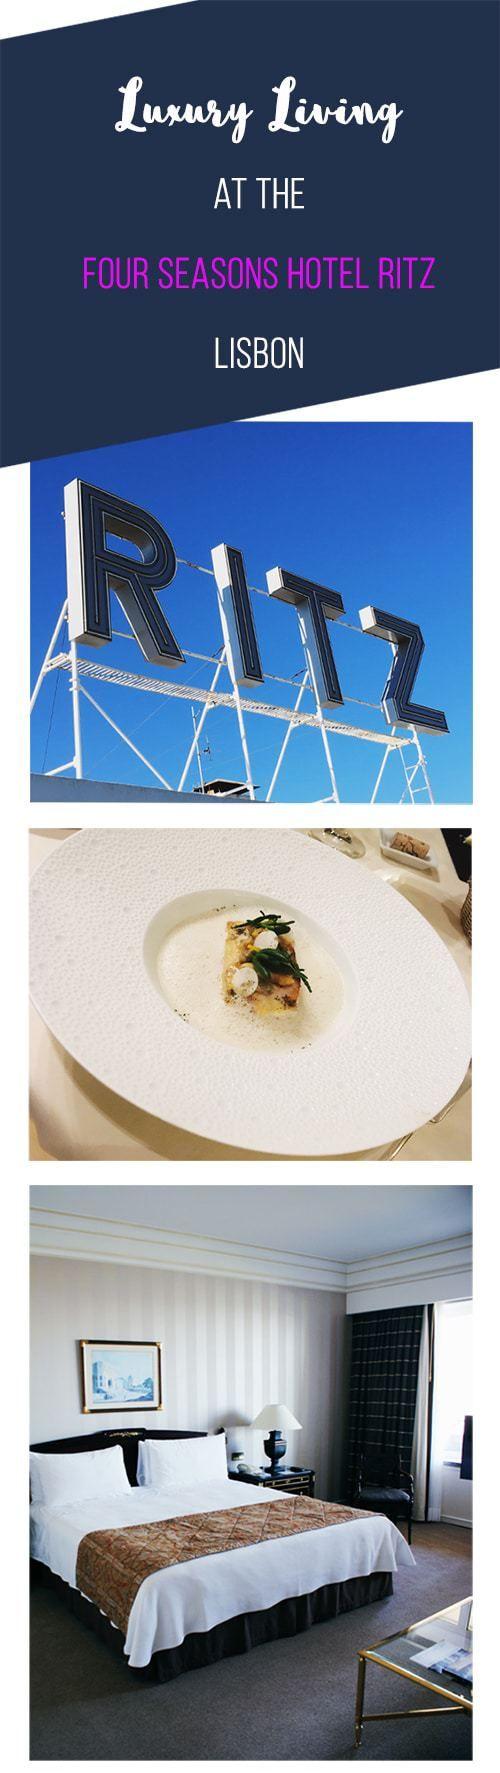 Four Seasons Ritz Lisbon - Stay in Luxury at Lisbon's Best 5 Star Hotel.